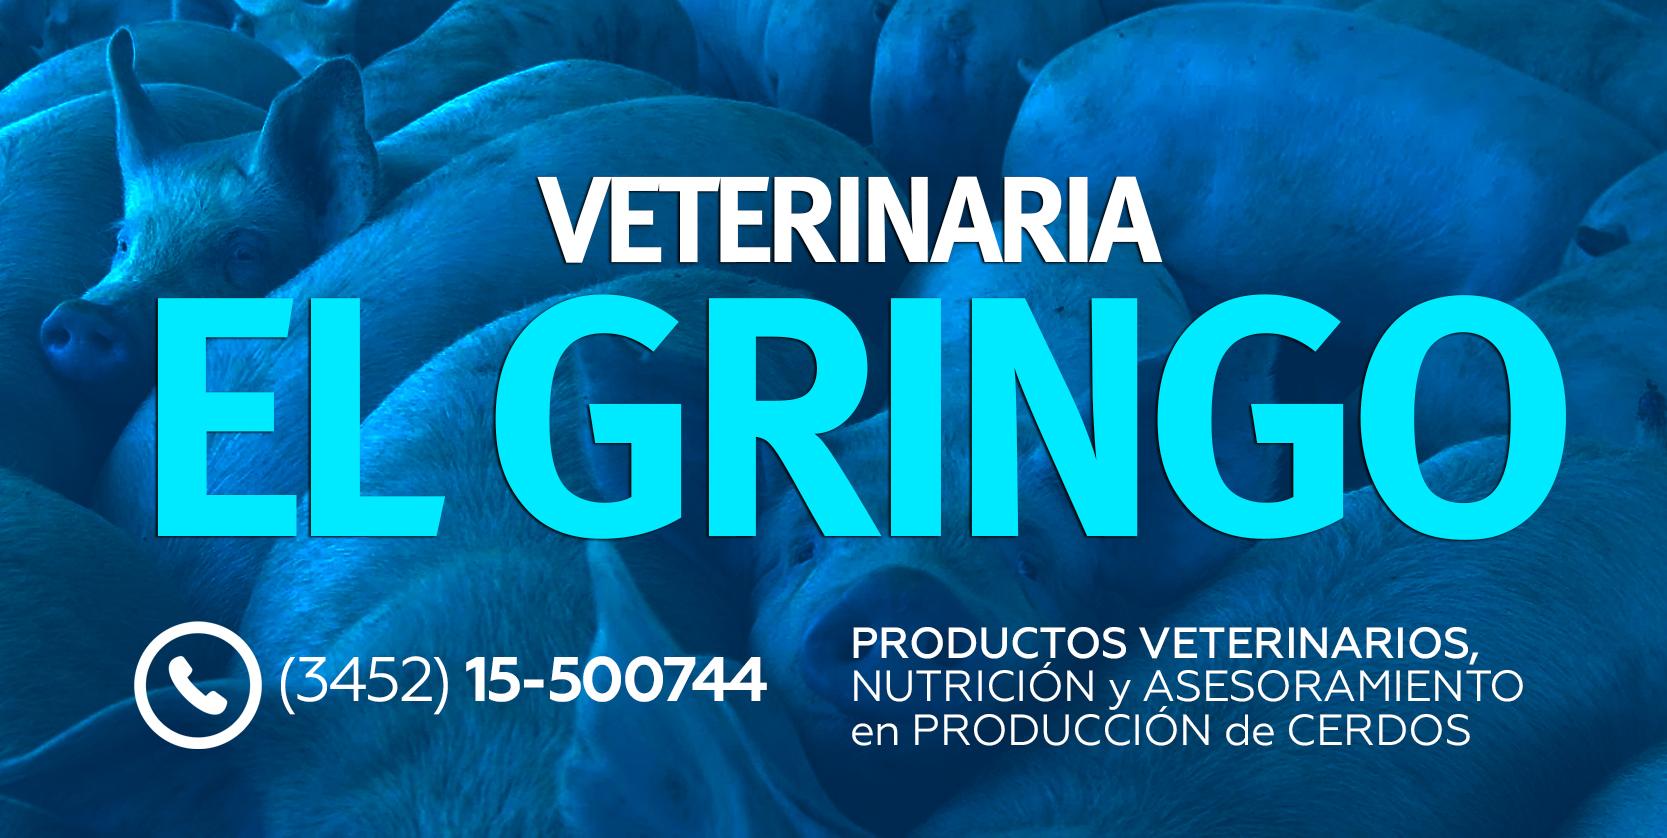 Veterinaria El gringo